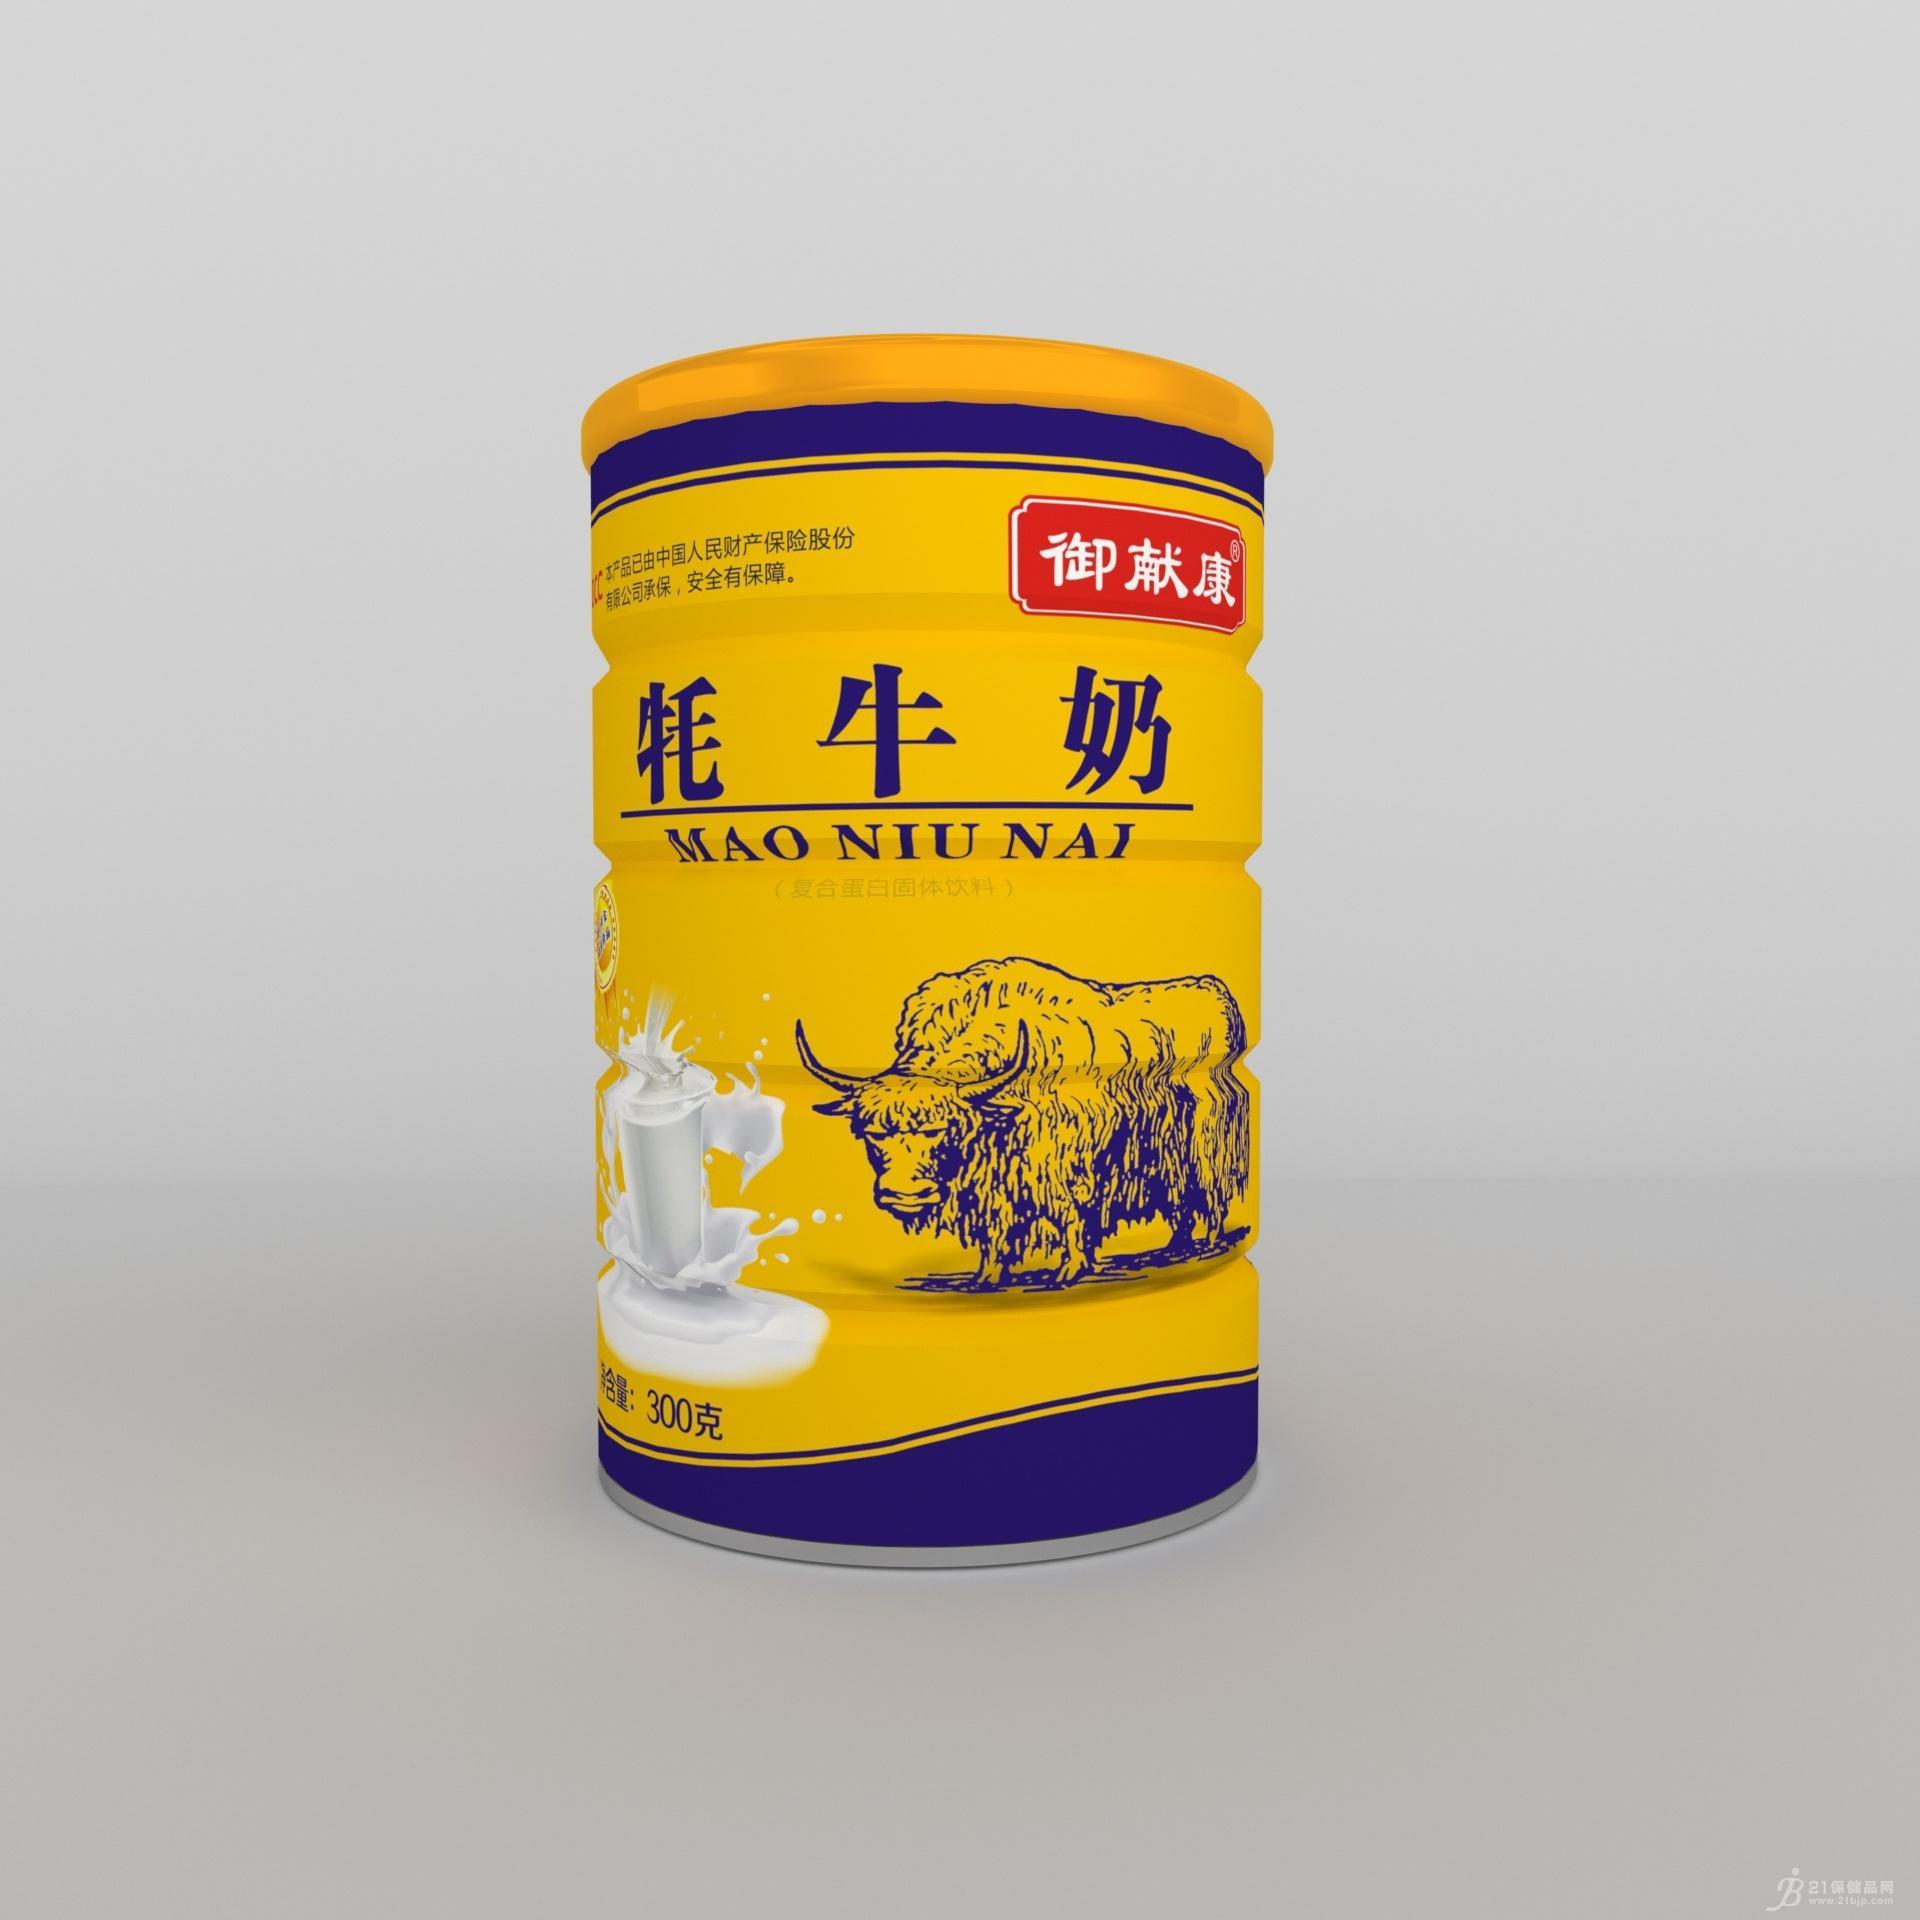 牦牛奶现货批发贴牌定制代加工电销会销